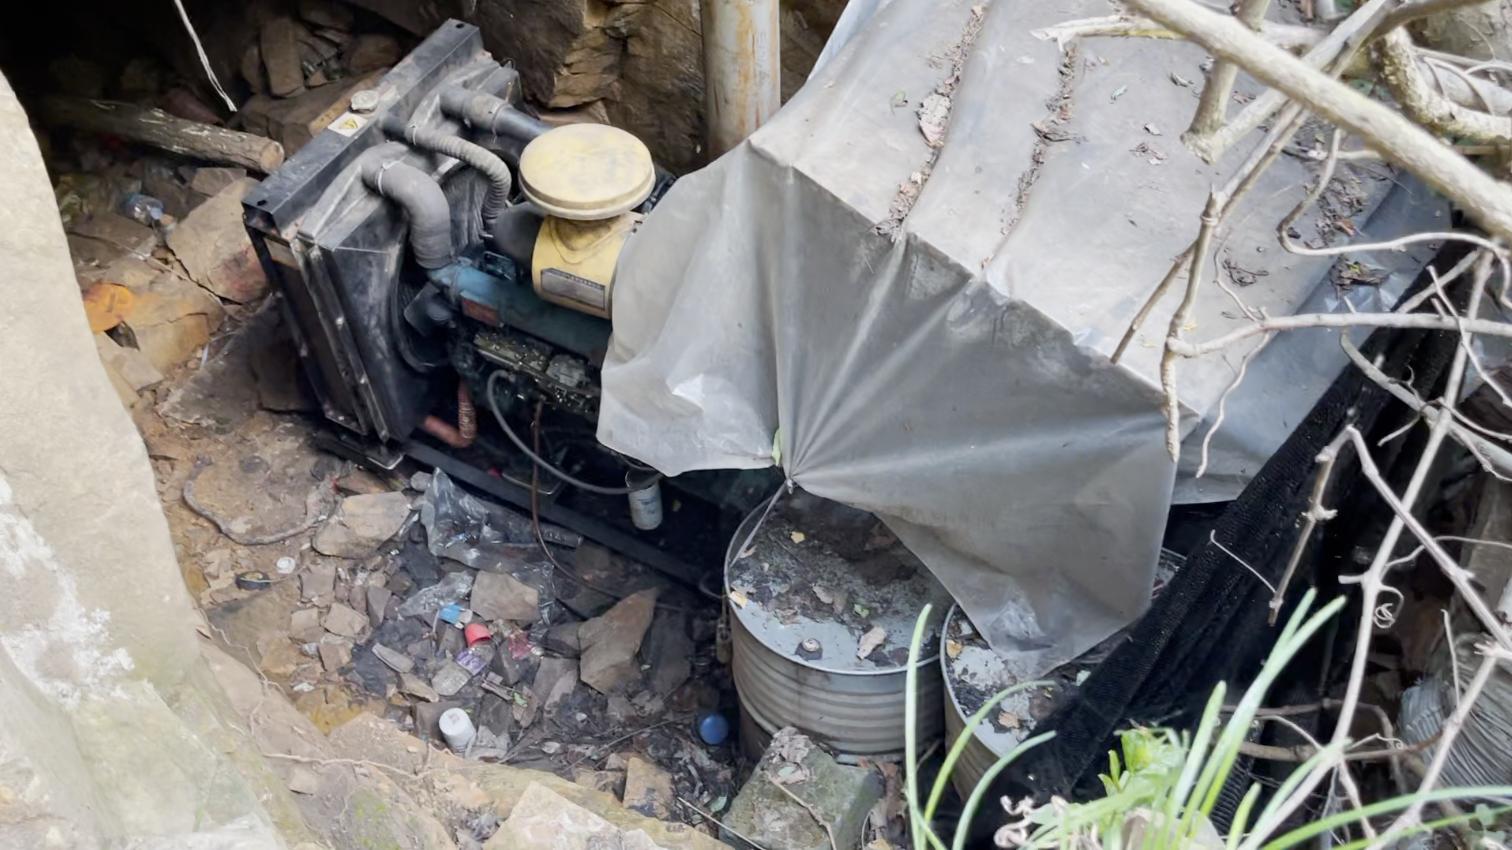 藏在山顶的发电机。村民介绍,这种发电机需要用车运上矿山。 新京报记者王瑞文 摄